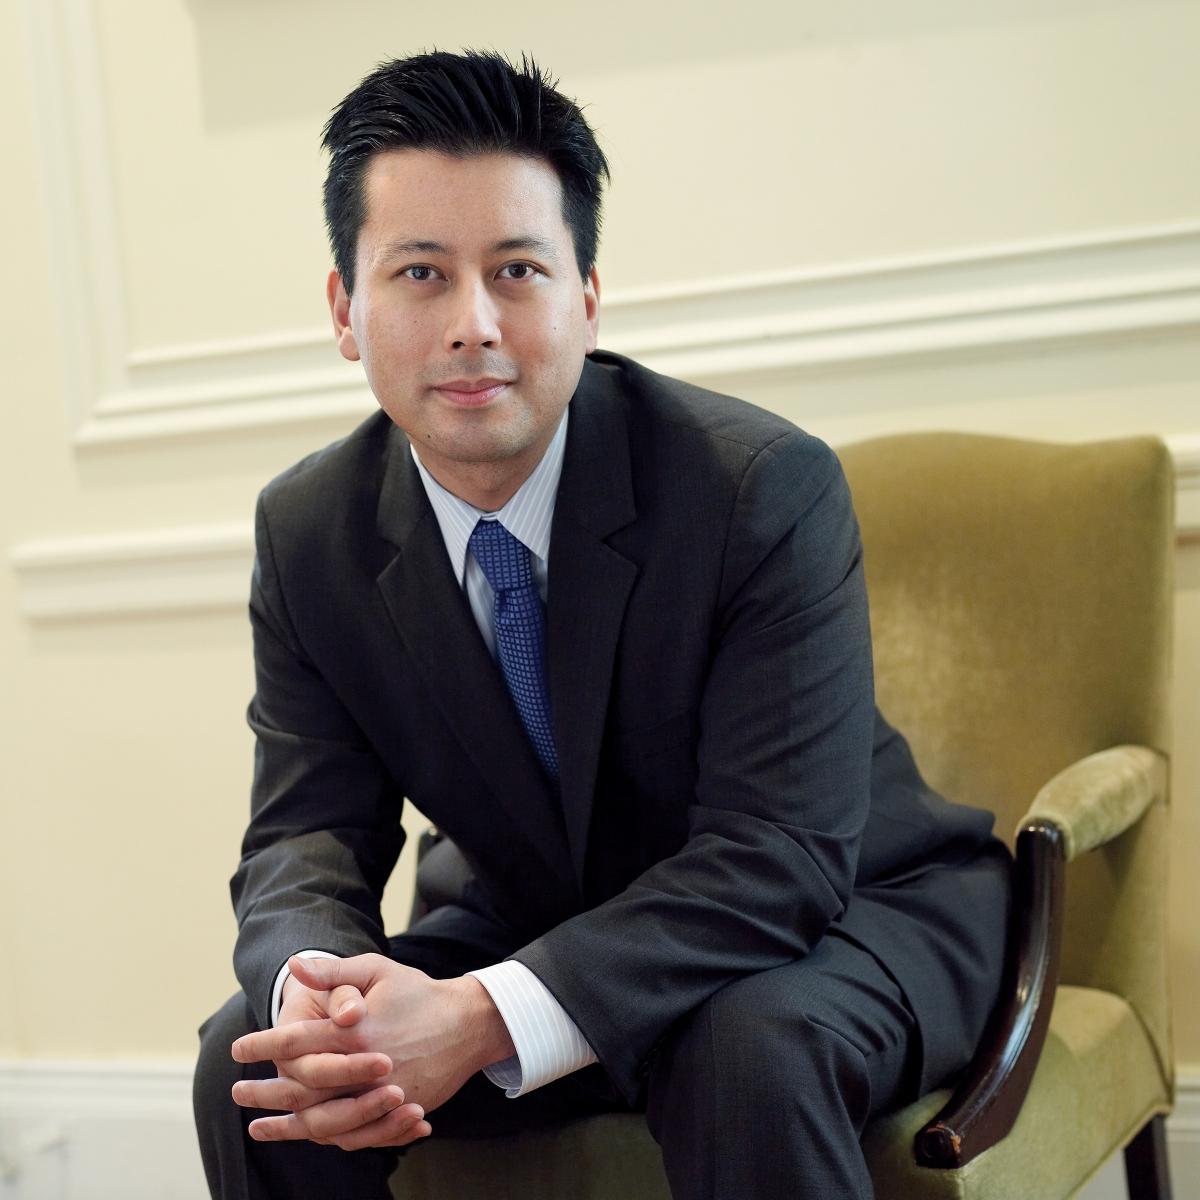 Interview: Kenji Yoshino on Scalia's Legacy, State of SCOTUS